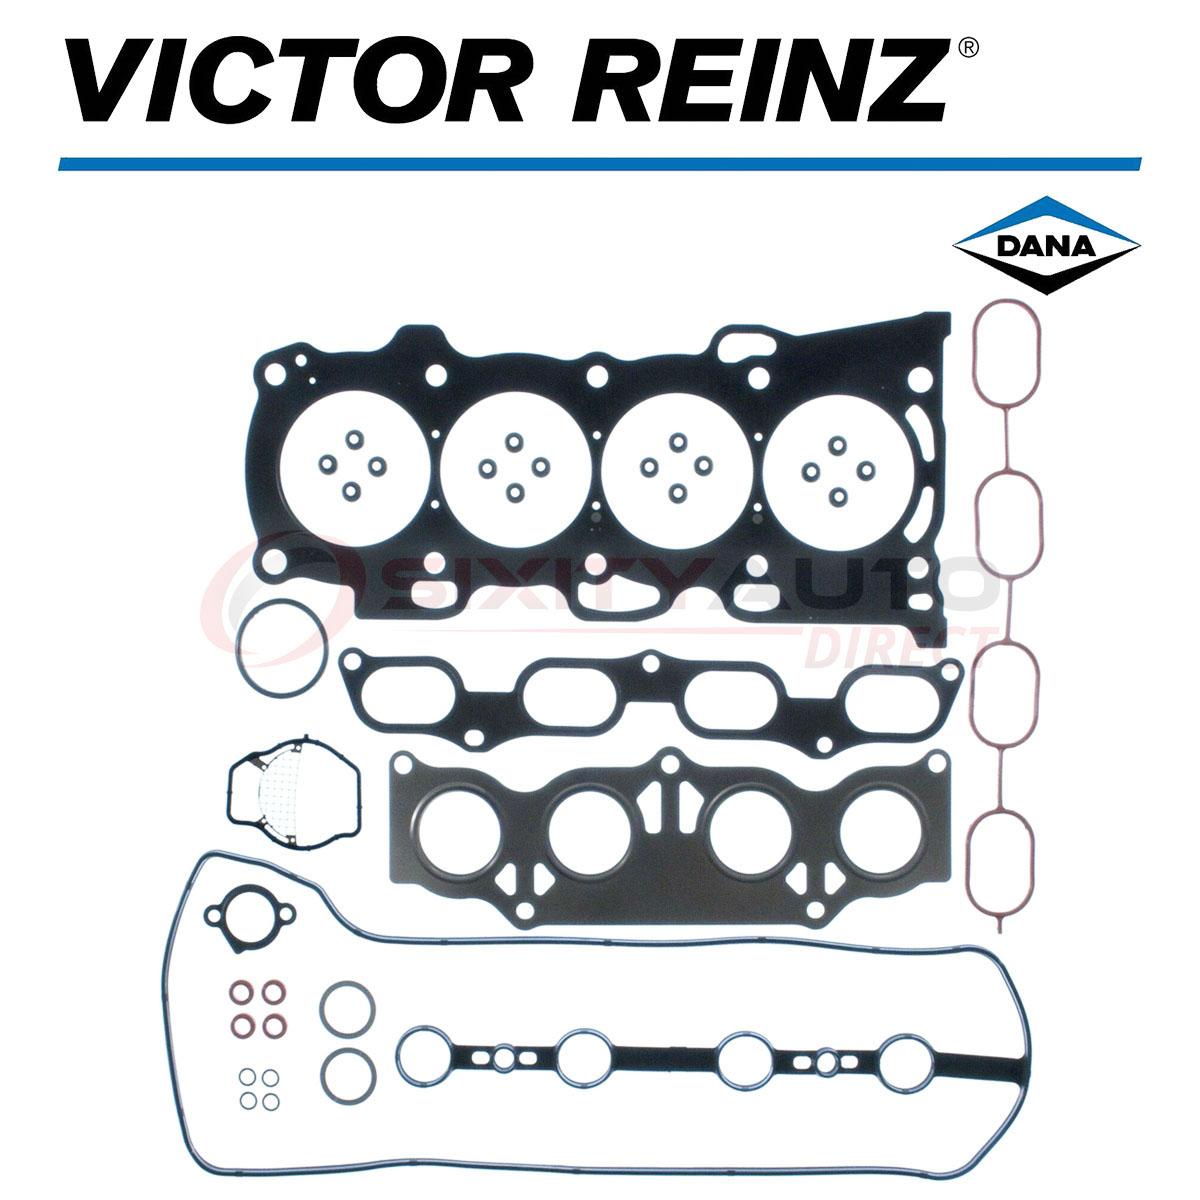 uy Victor Reinz Cylinder Head Gasket Set for 1985-1995 Toyota 4Runner 2.4L L4